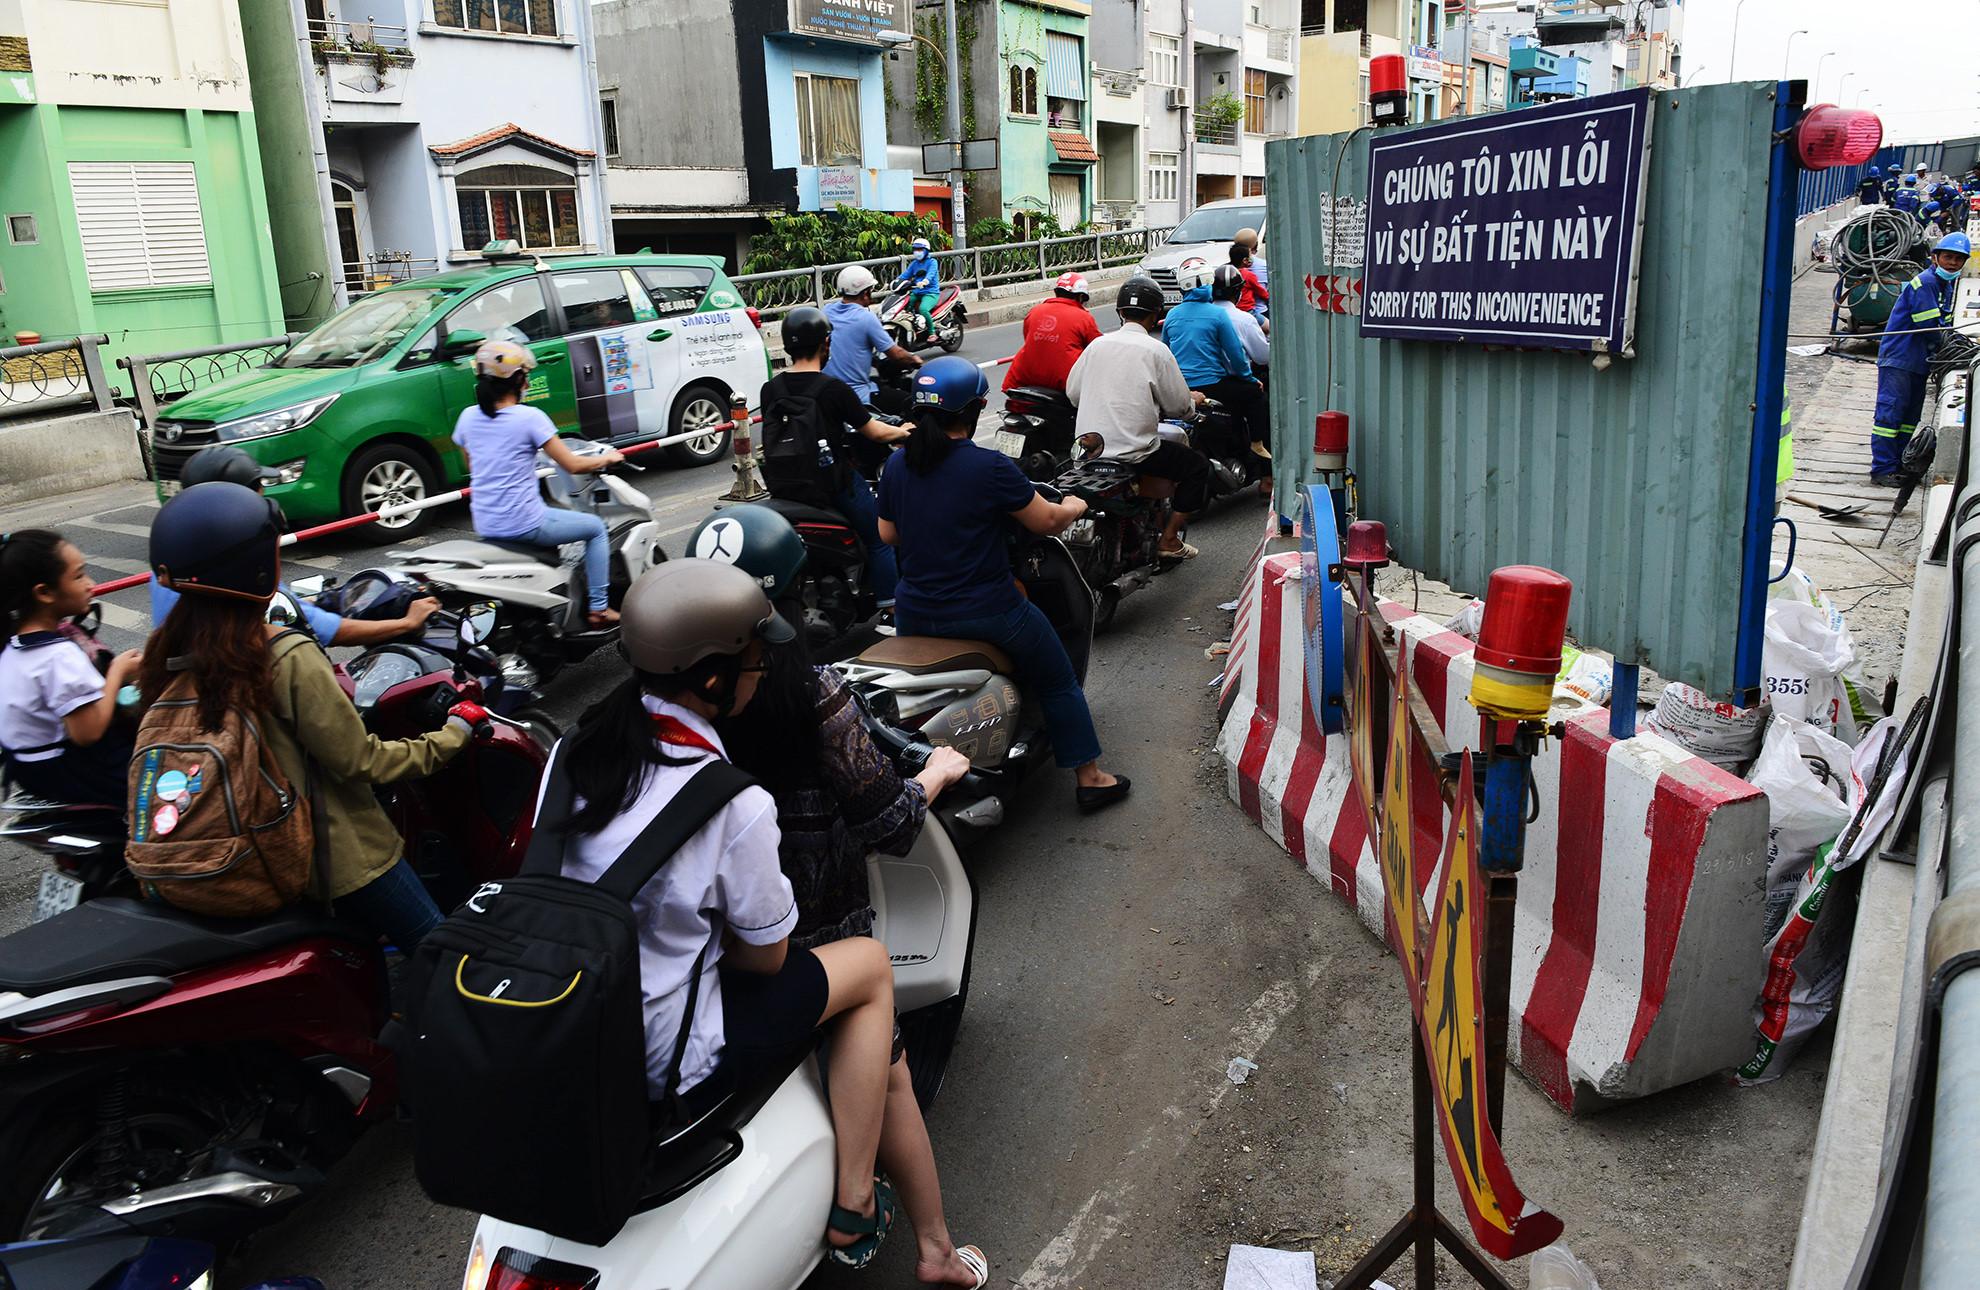 Cuối năm, lô cốt lại mọc lên khắp đường Sài Gòn Ảnh 10